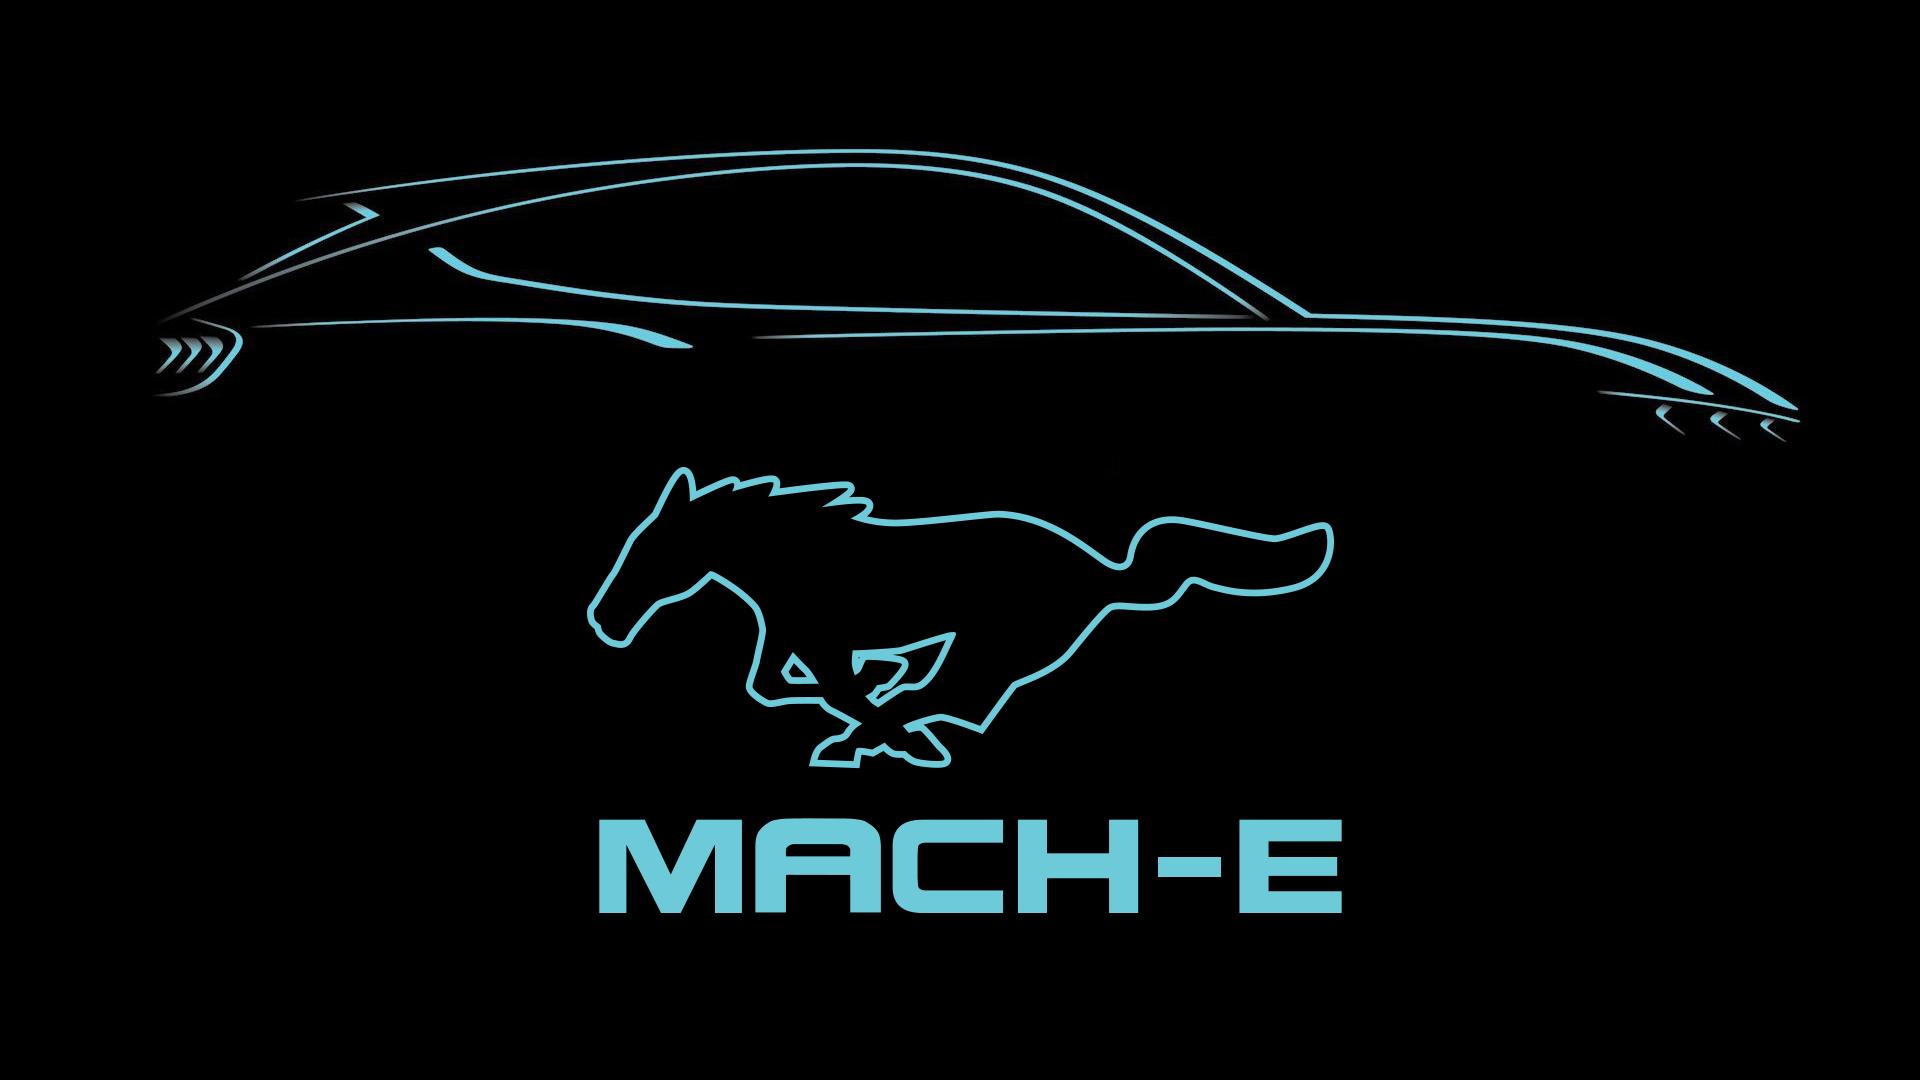 Mustang Mach-E